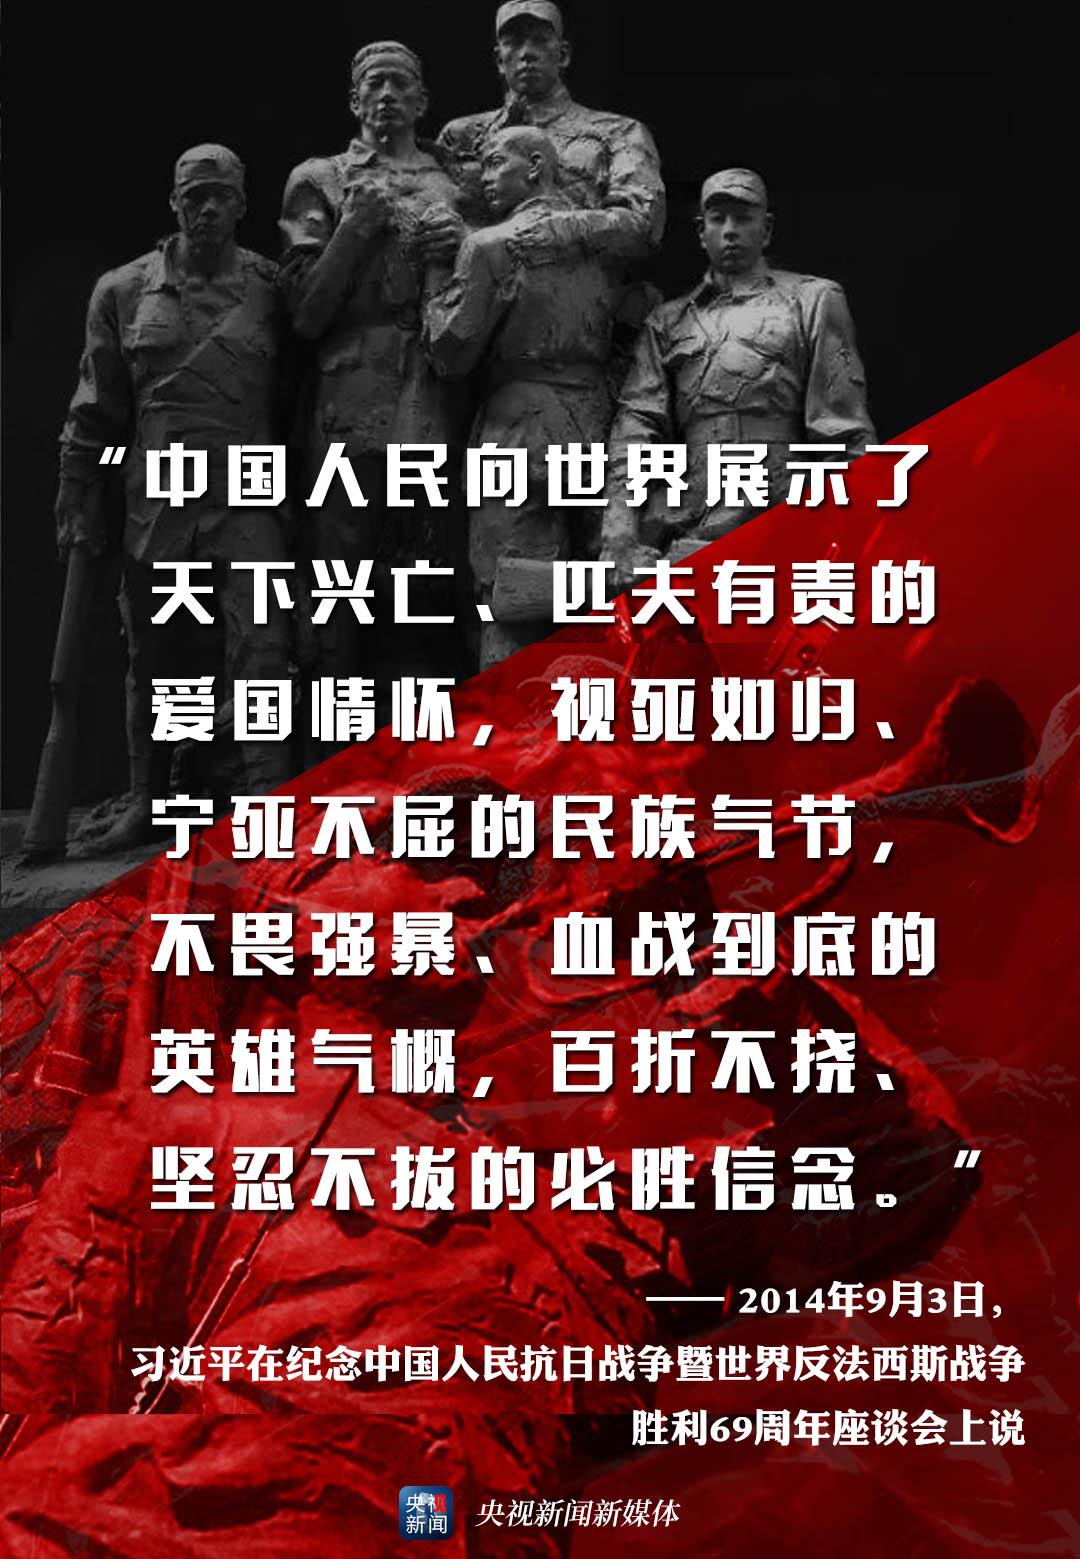 《习近平:伟大抗战精神永远激励我们》